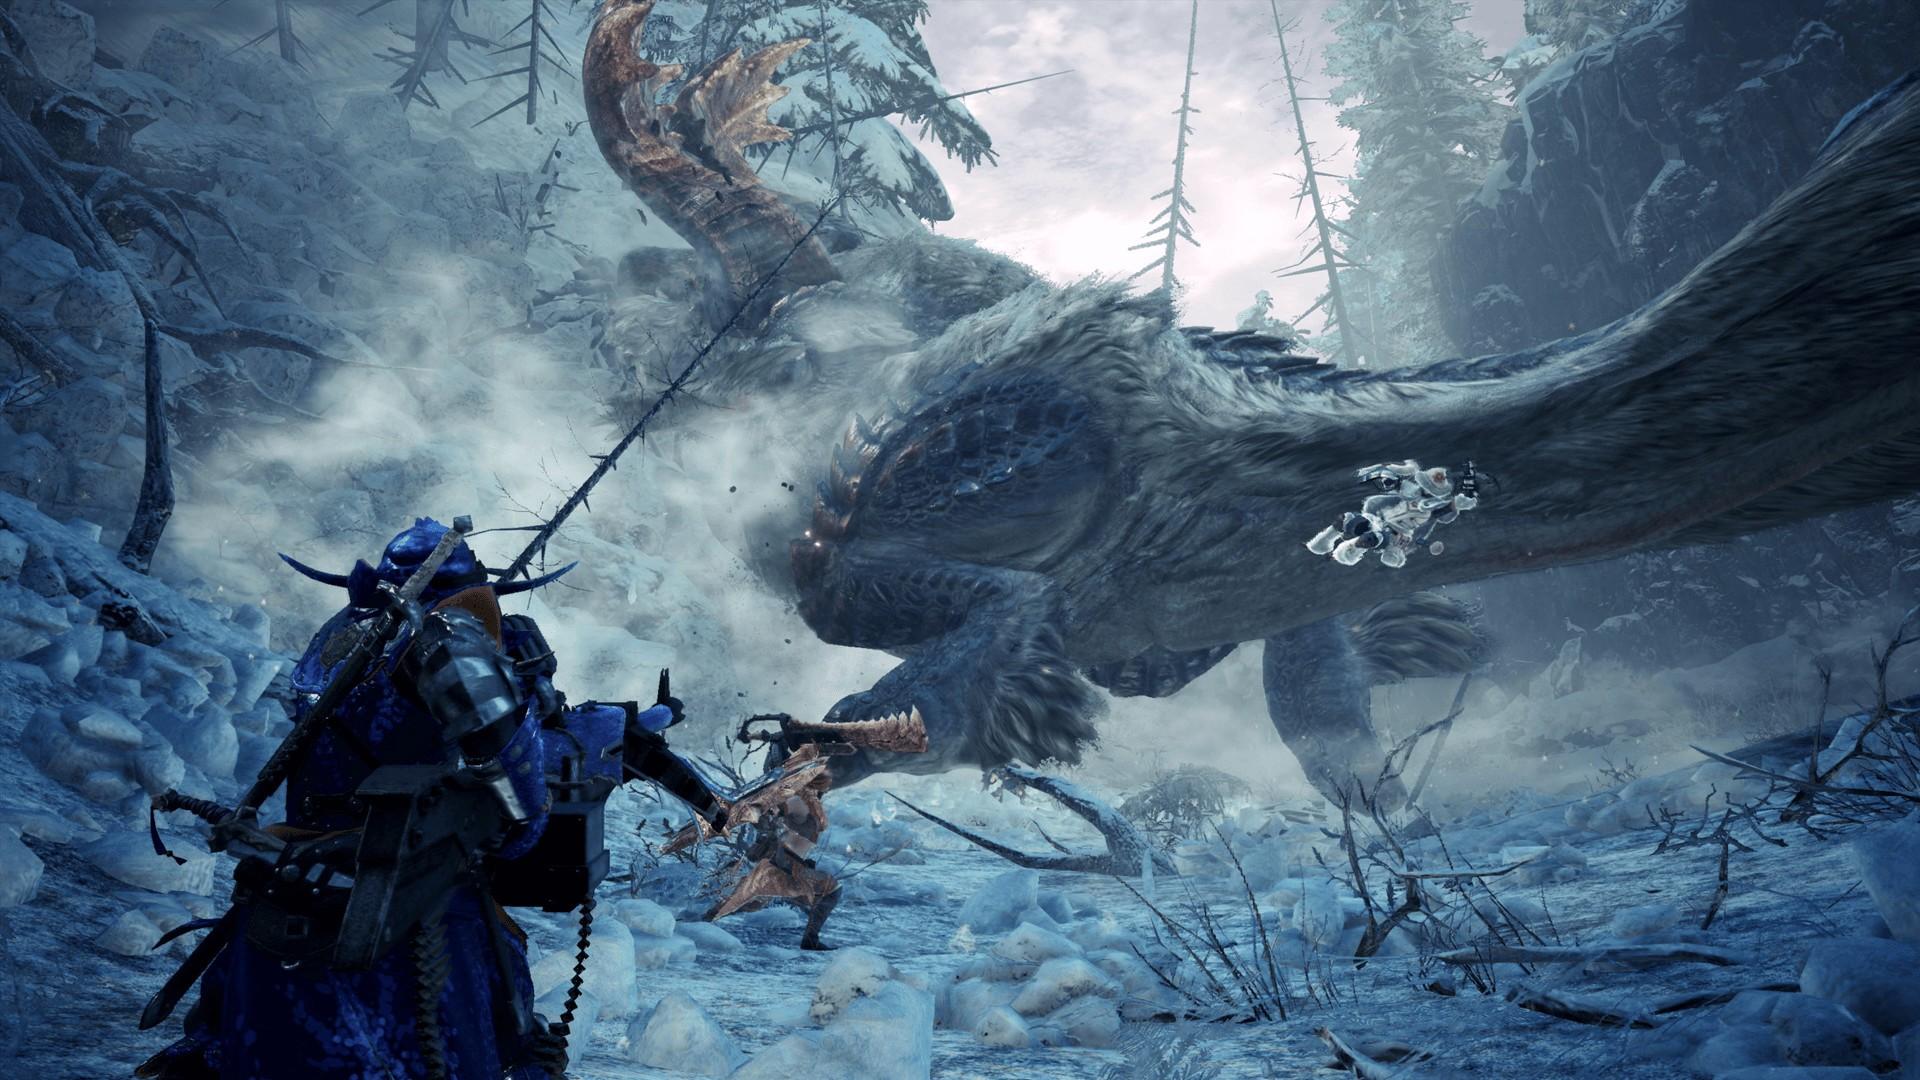 旅途必备!《怪物猎人世界:冰原》出货破250万纪念道具包发布